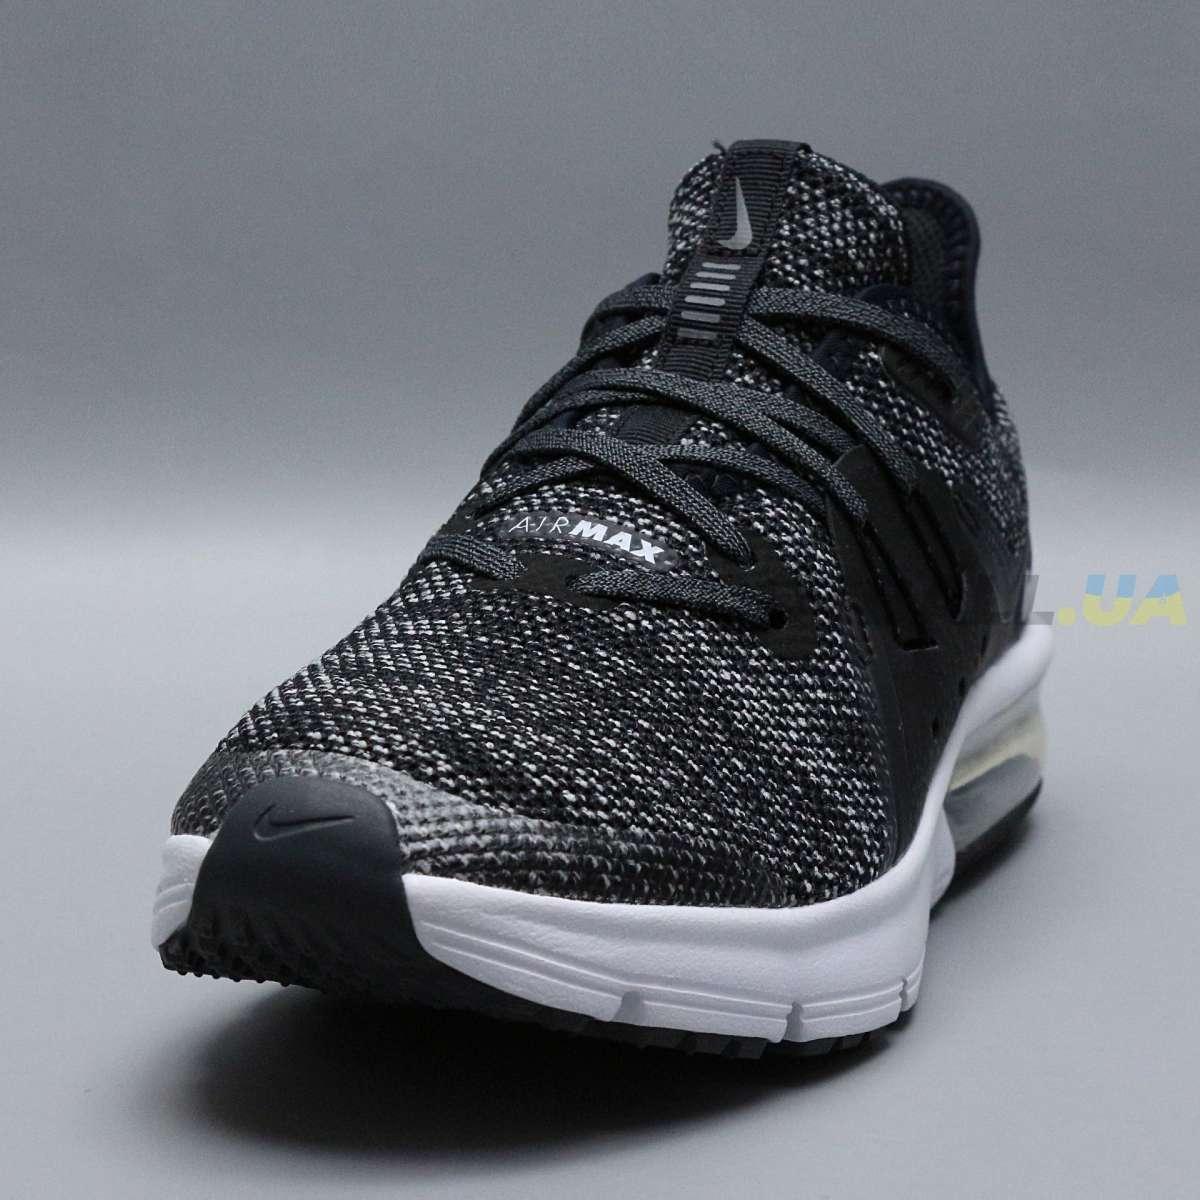 ebf1459d Детские кроссовки Nike Air Max Sequent 922884-001 купить на ...